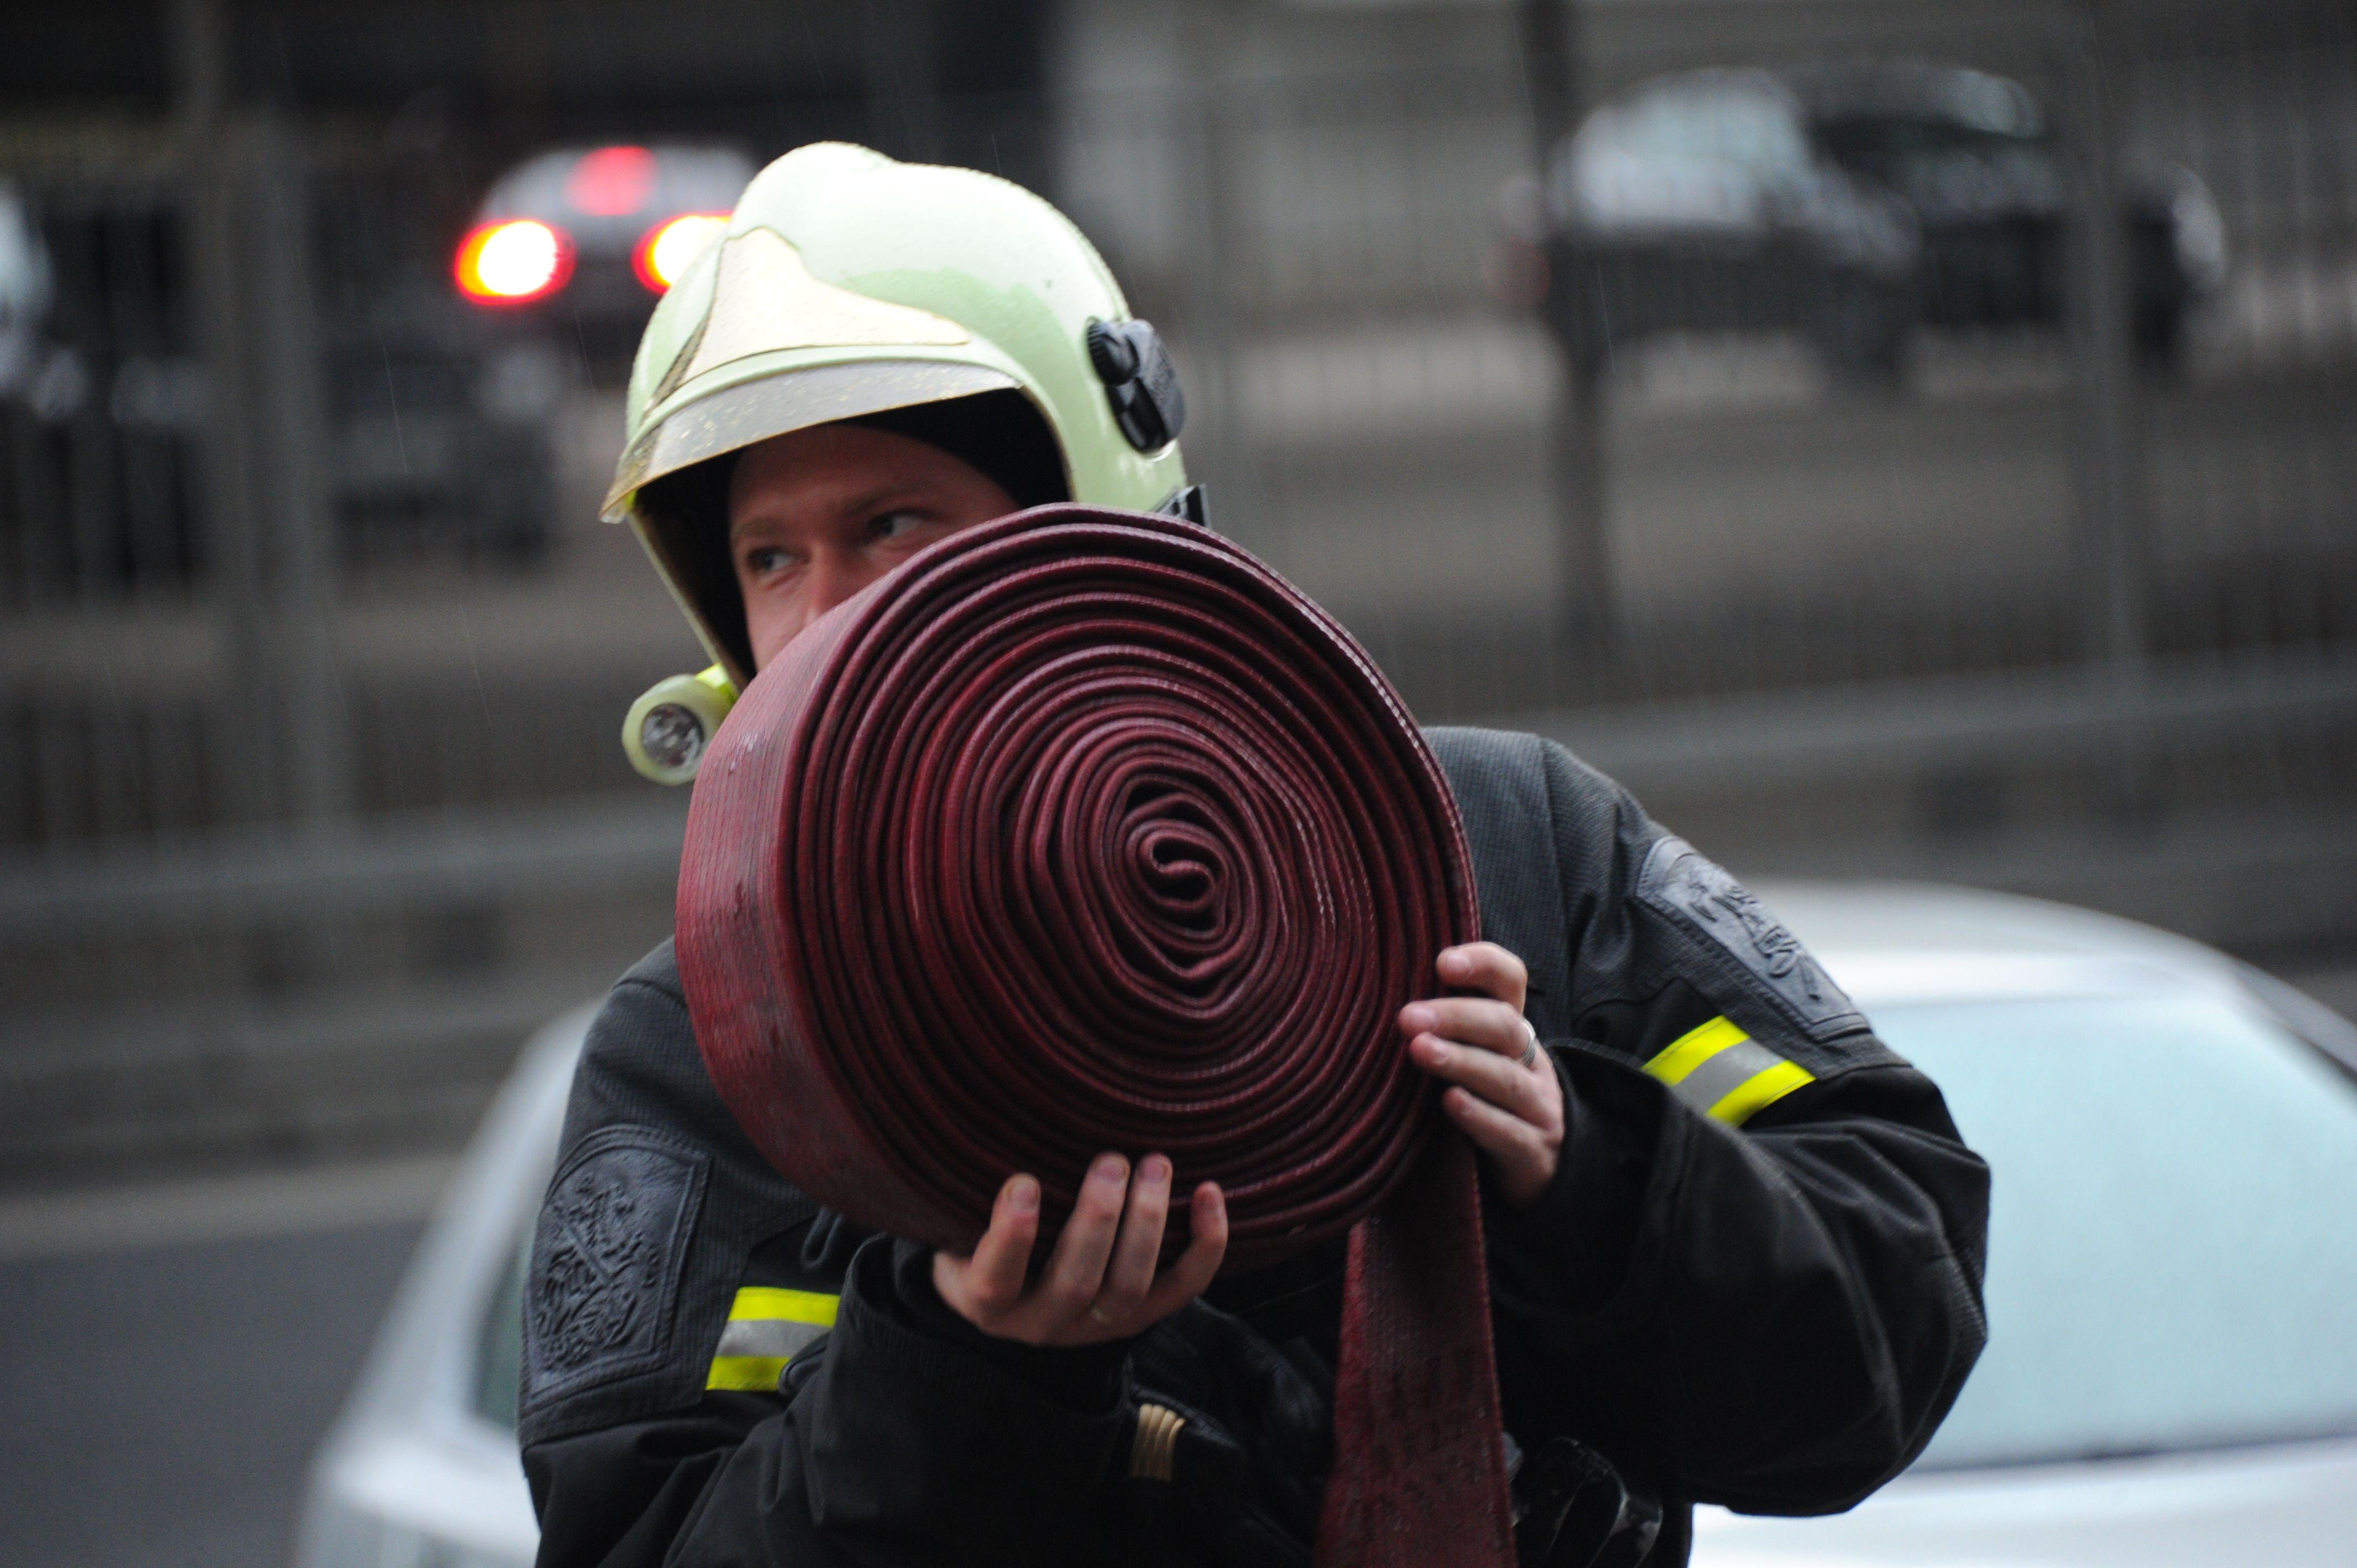 МЧС потушило пожар в здании РУДН на юго-западе Москвы